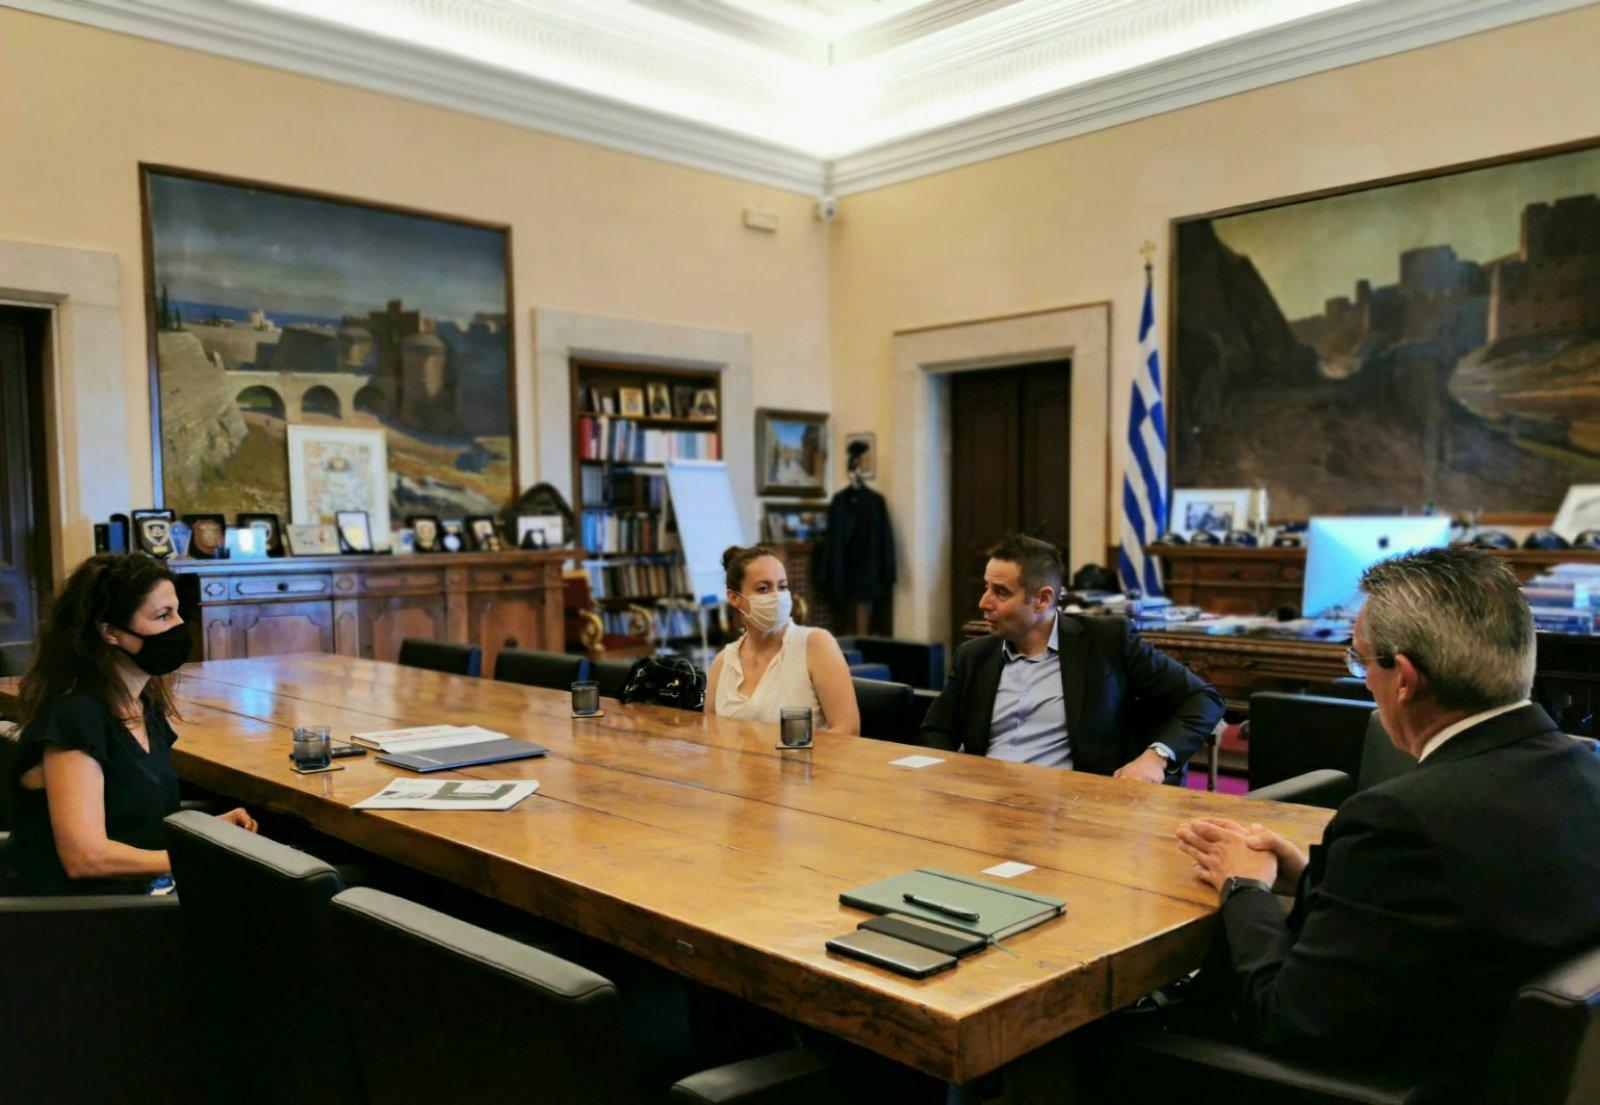 Γ. Χατζημάρκος: «Πιστοί στη δέσμευσή μας, επεξεργαζόμαστε τη συμφωνία που θα συνεχίσει να φέρνει την Τηλεϊατρική στο σπίτι κάθε νησιώτη, με πόρους της Περιφέρειας».